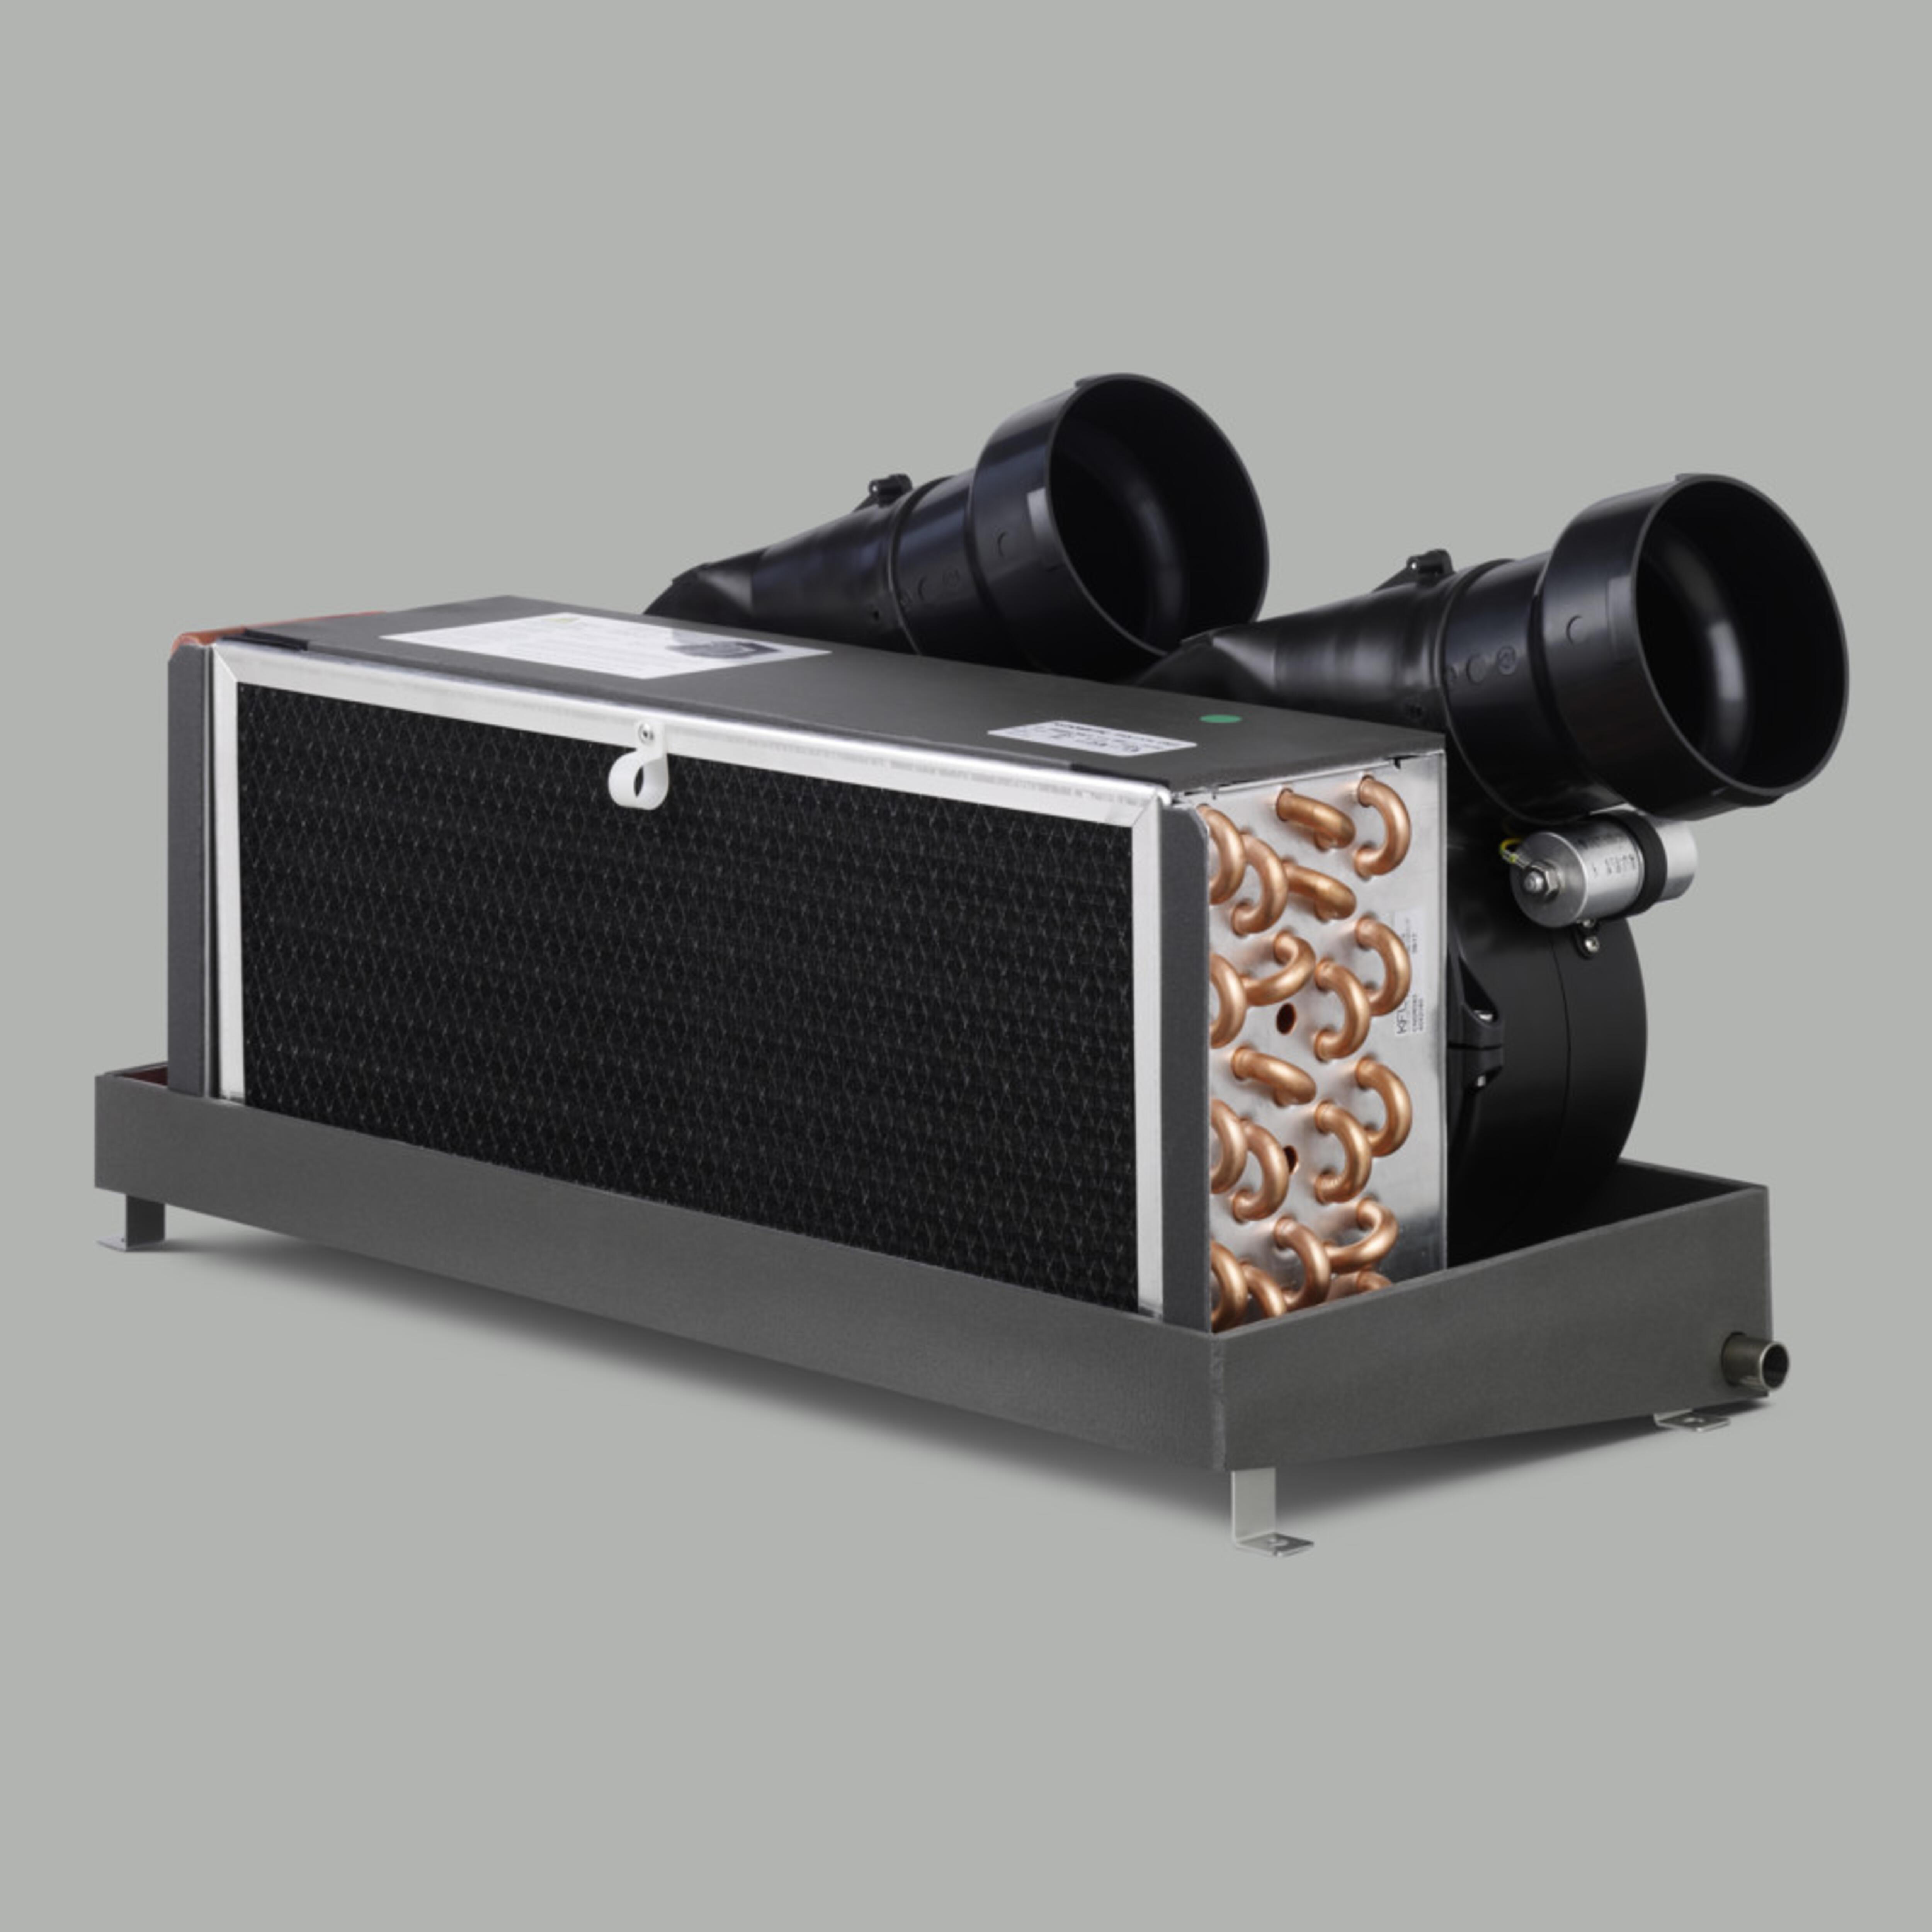 Dometic Condaria Fan Coil TWIN